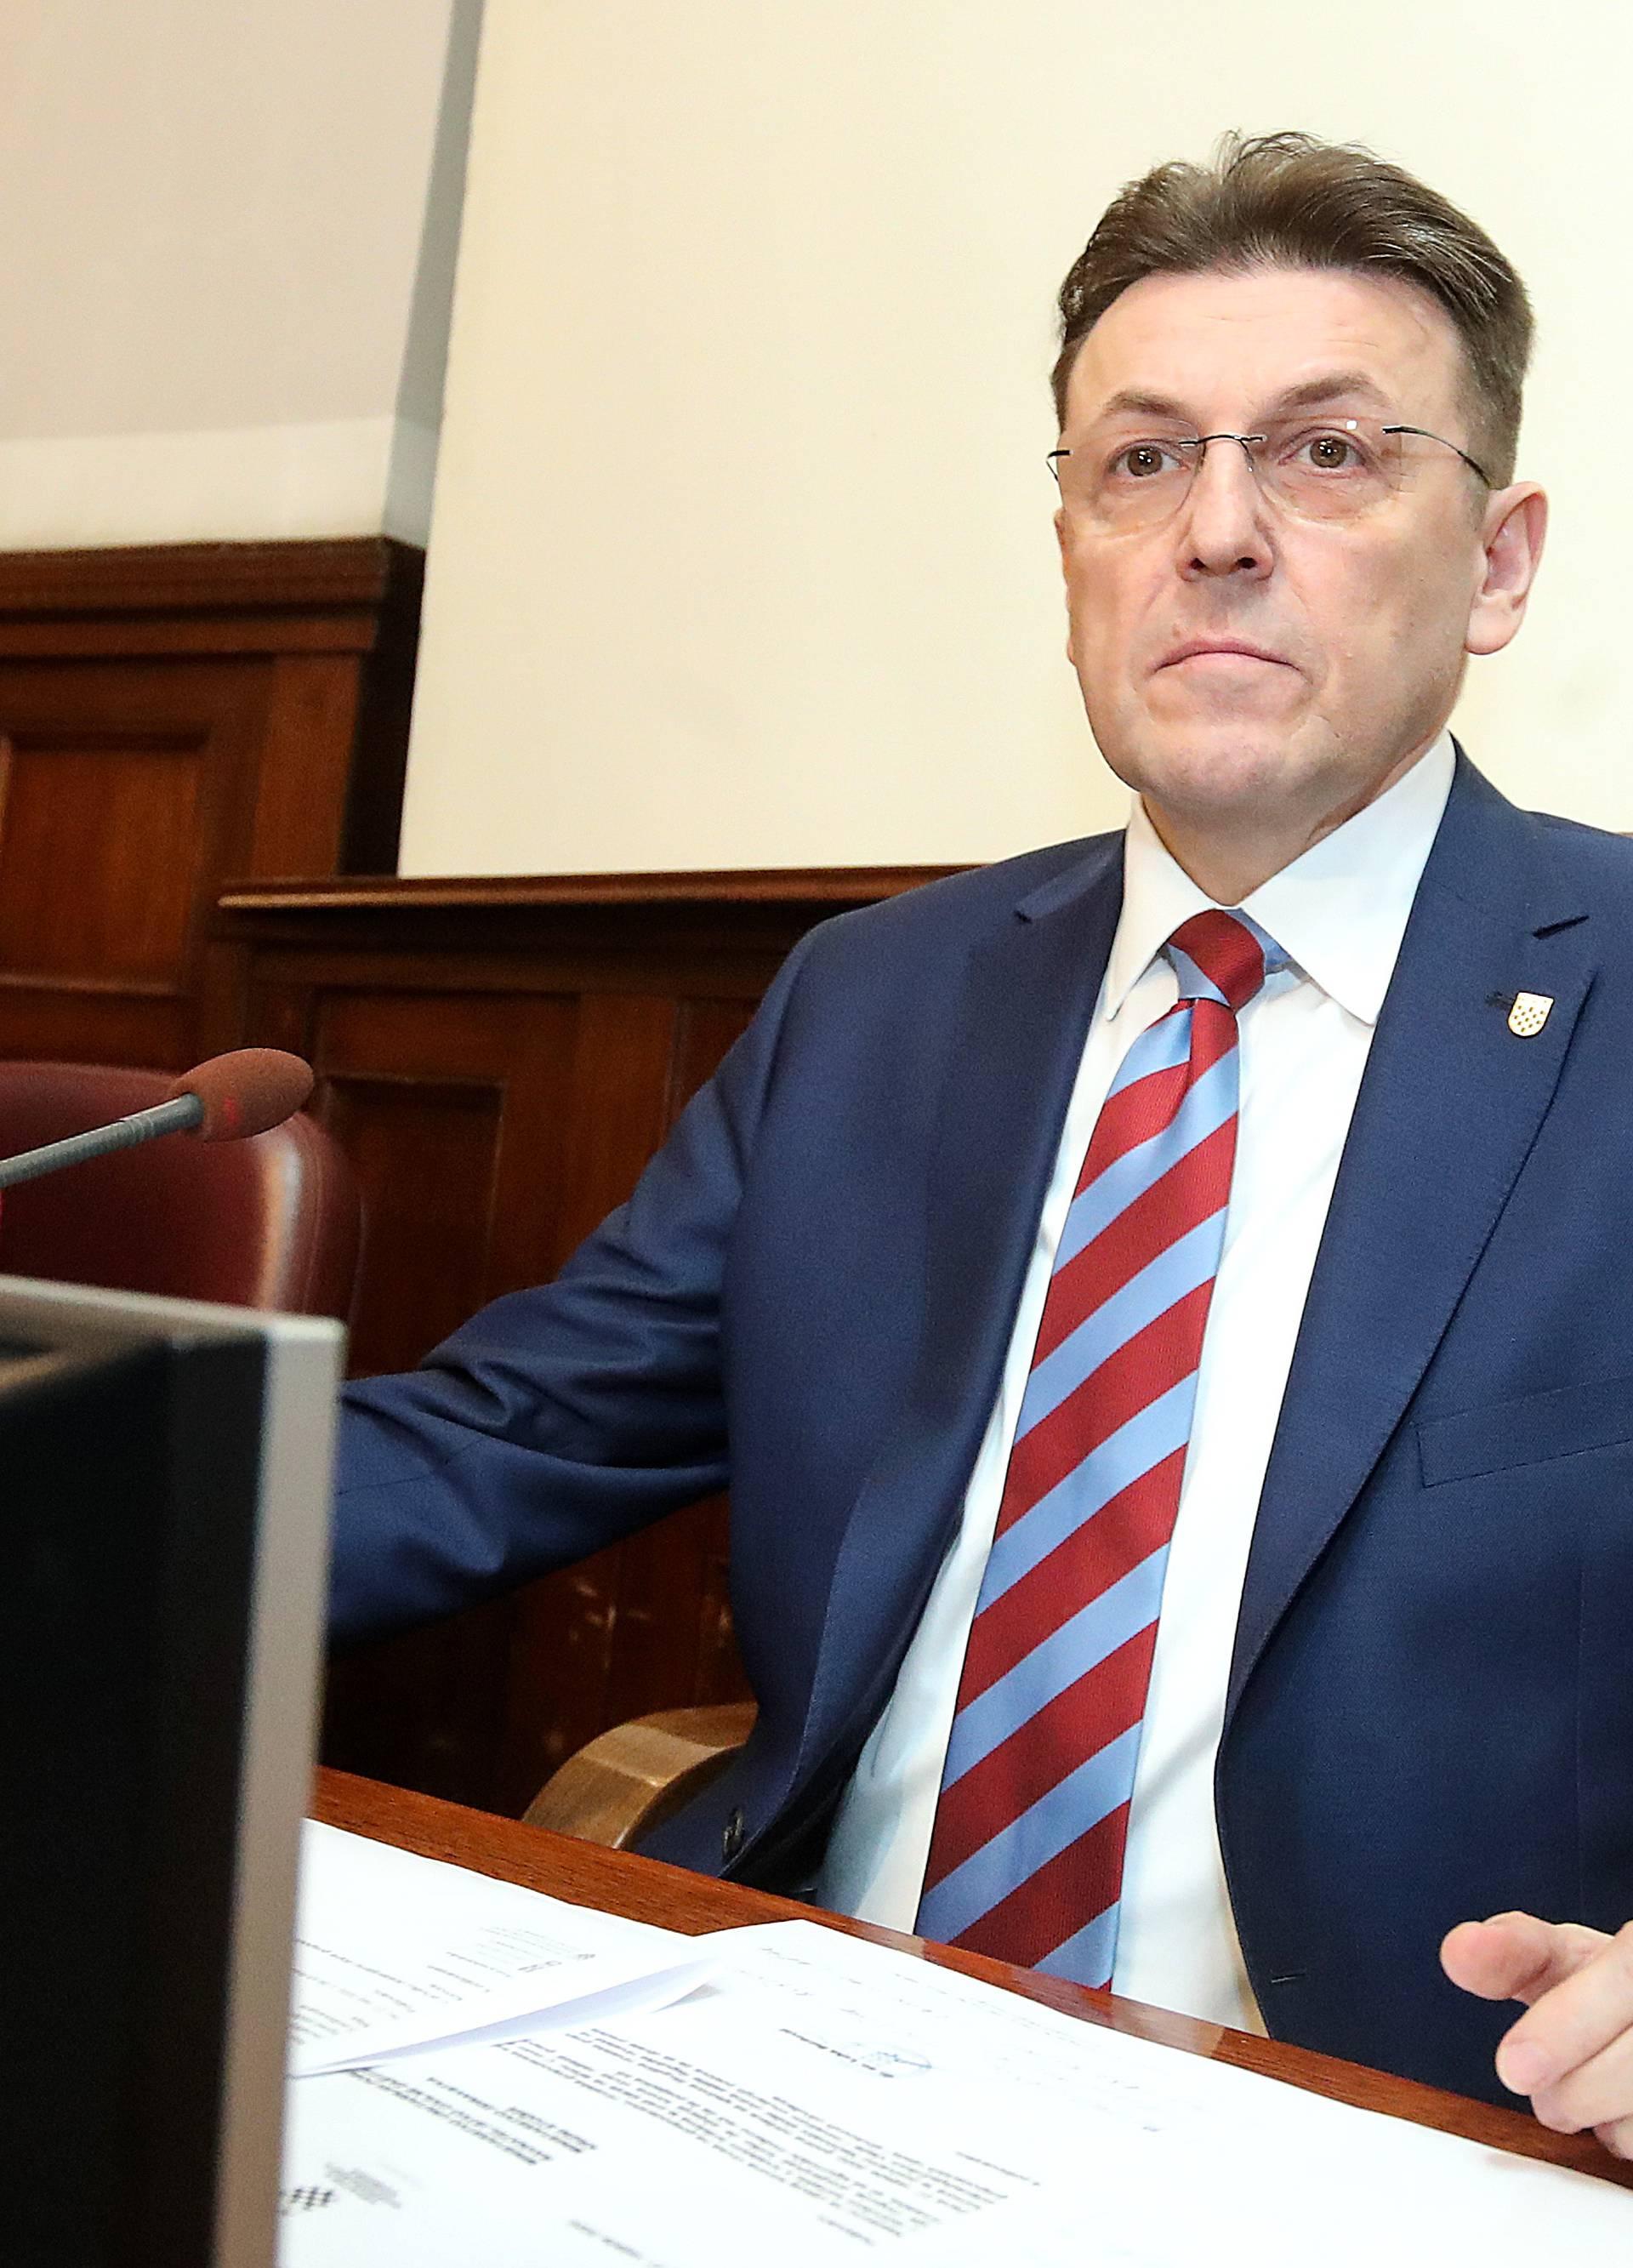 Zagreb: Nacionalni stožer civilne zaštite o utjecaju koronavirusa na gospodarstvo